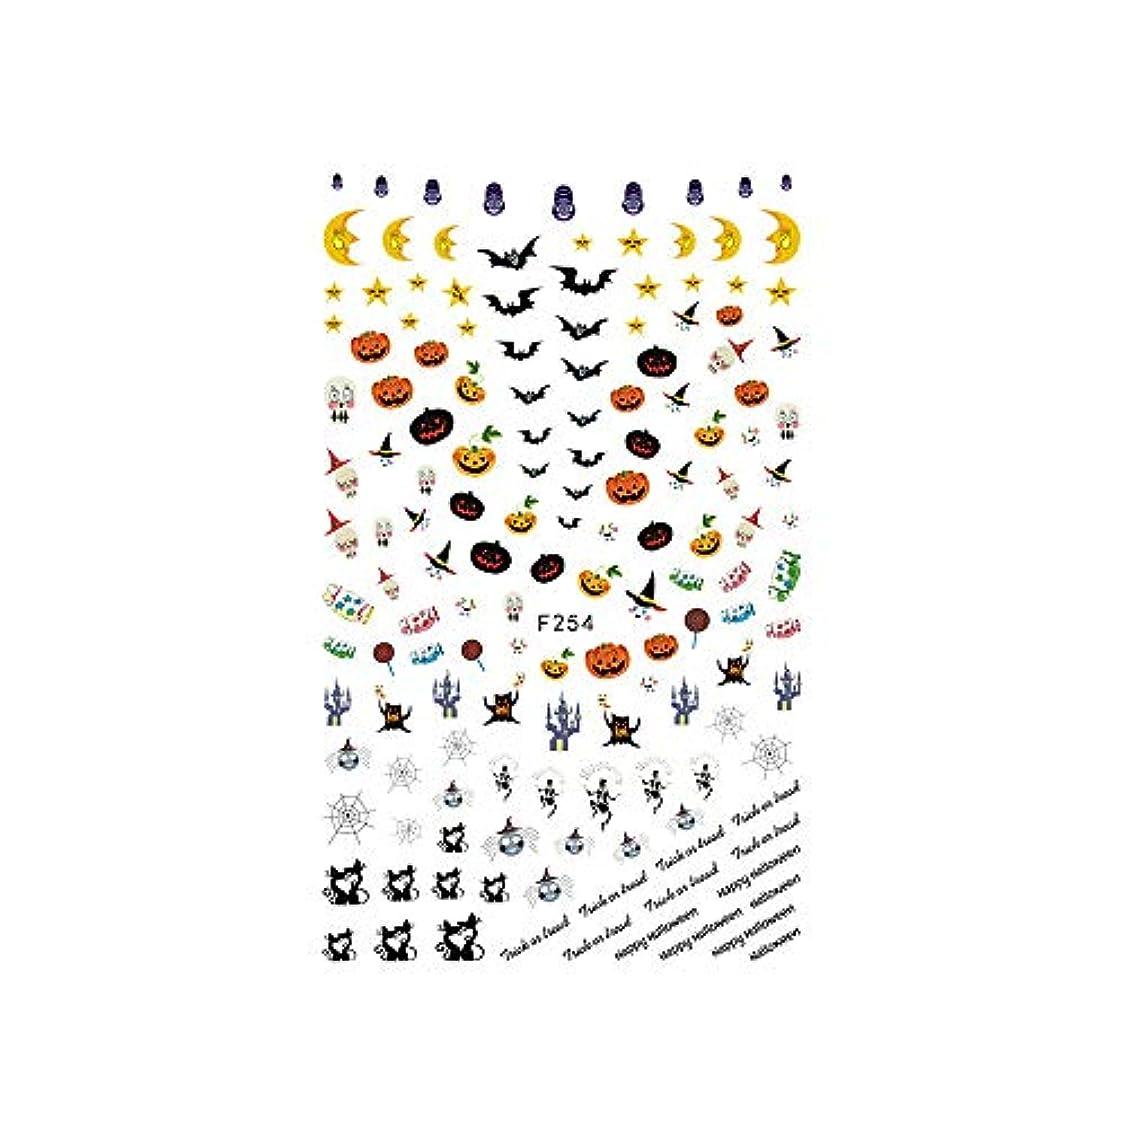 懐疑論真珠のような祖母irogel イロジェル ネイルシール ハロウィンバラエティシール 【F254】ハロウィン ランタン おばけ スカル スパイダー 魔女